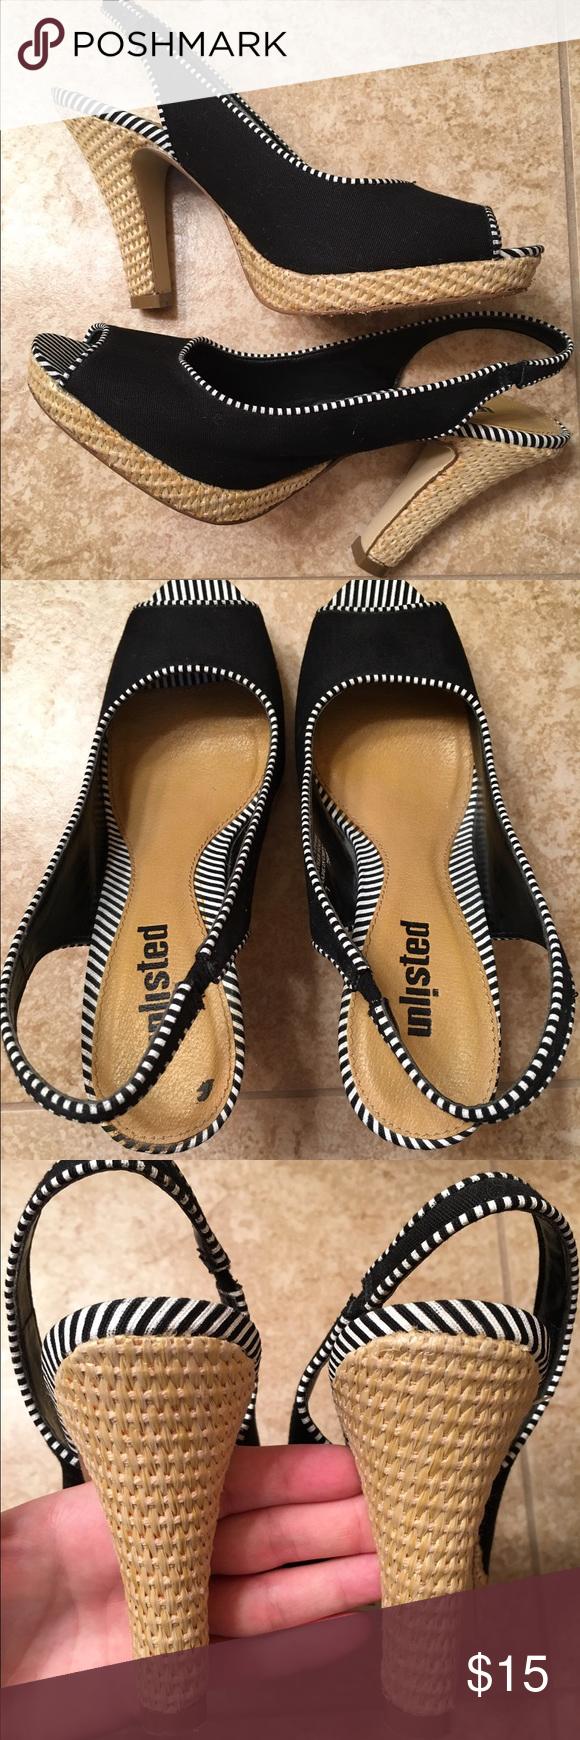 Super cute open toe heels Black w white stripe heels. Minimal wear. enlisted Shoes Heels